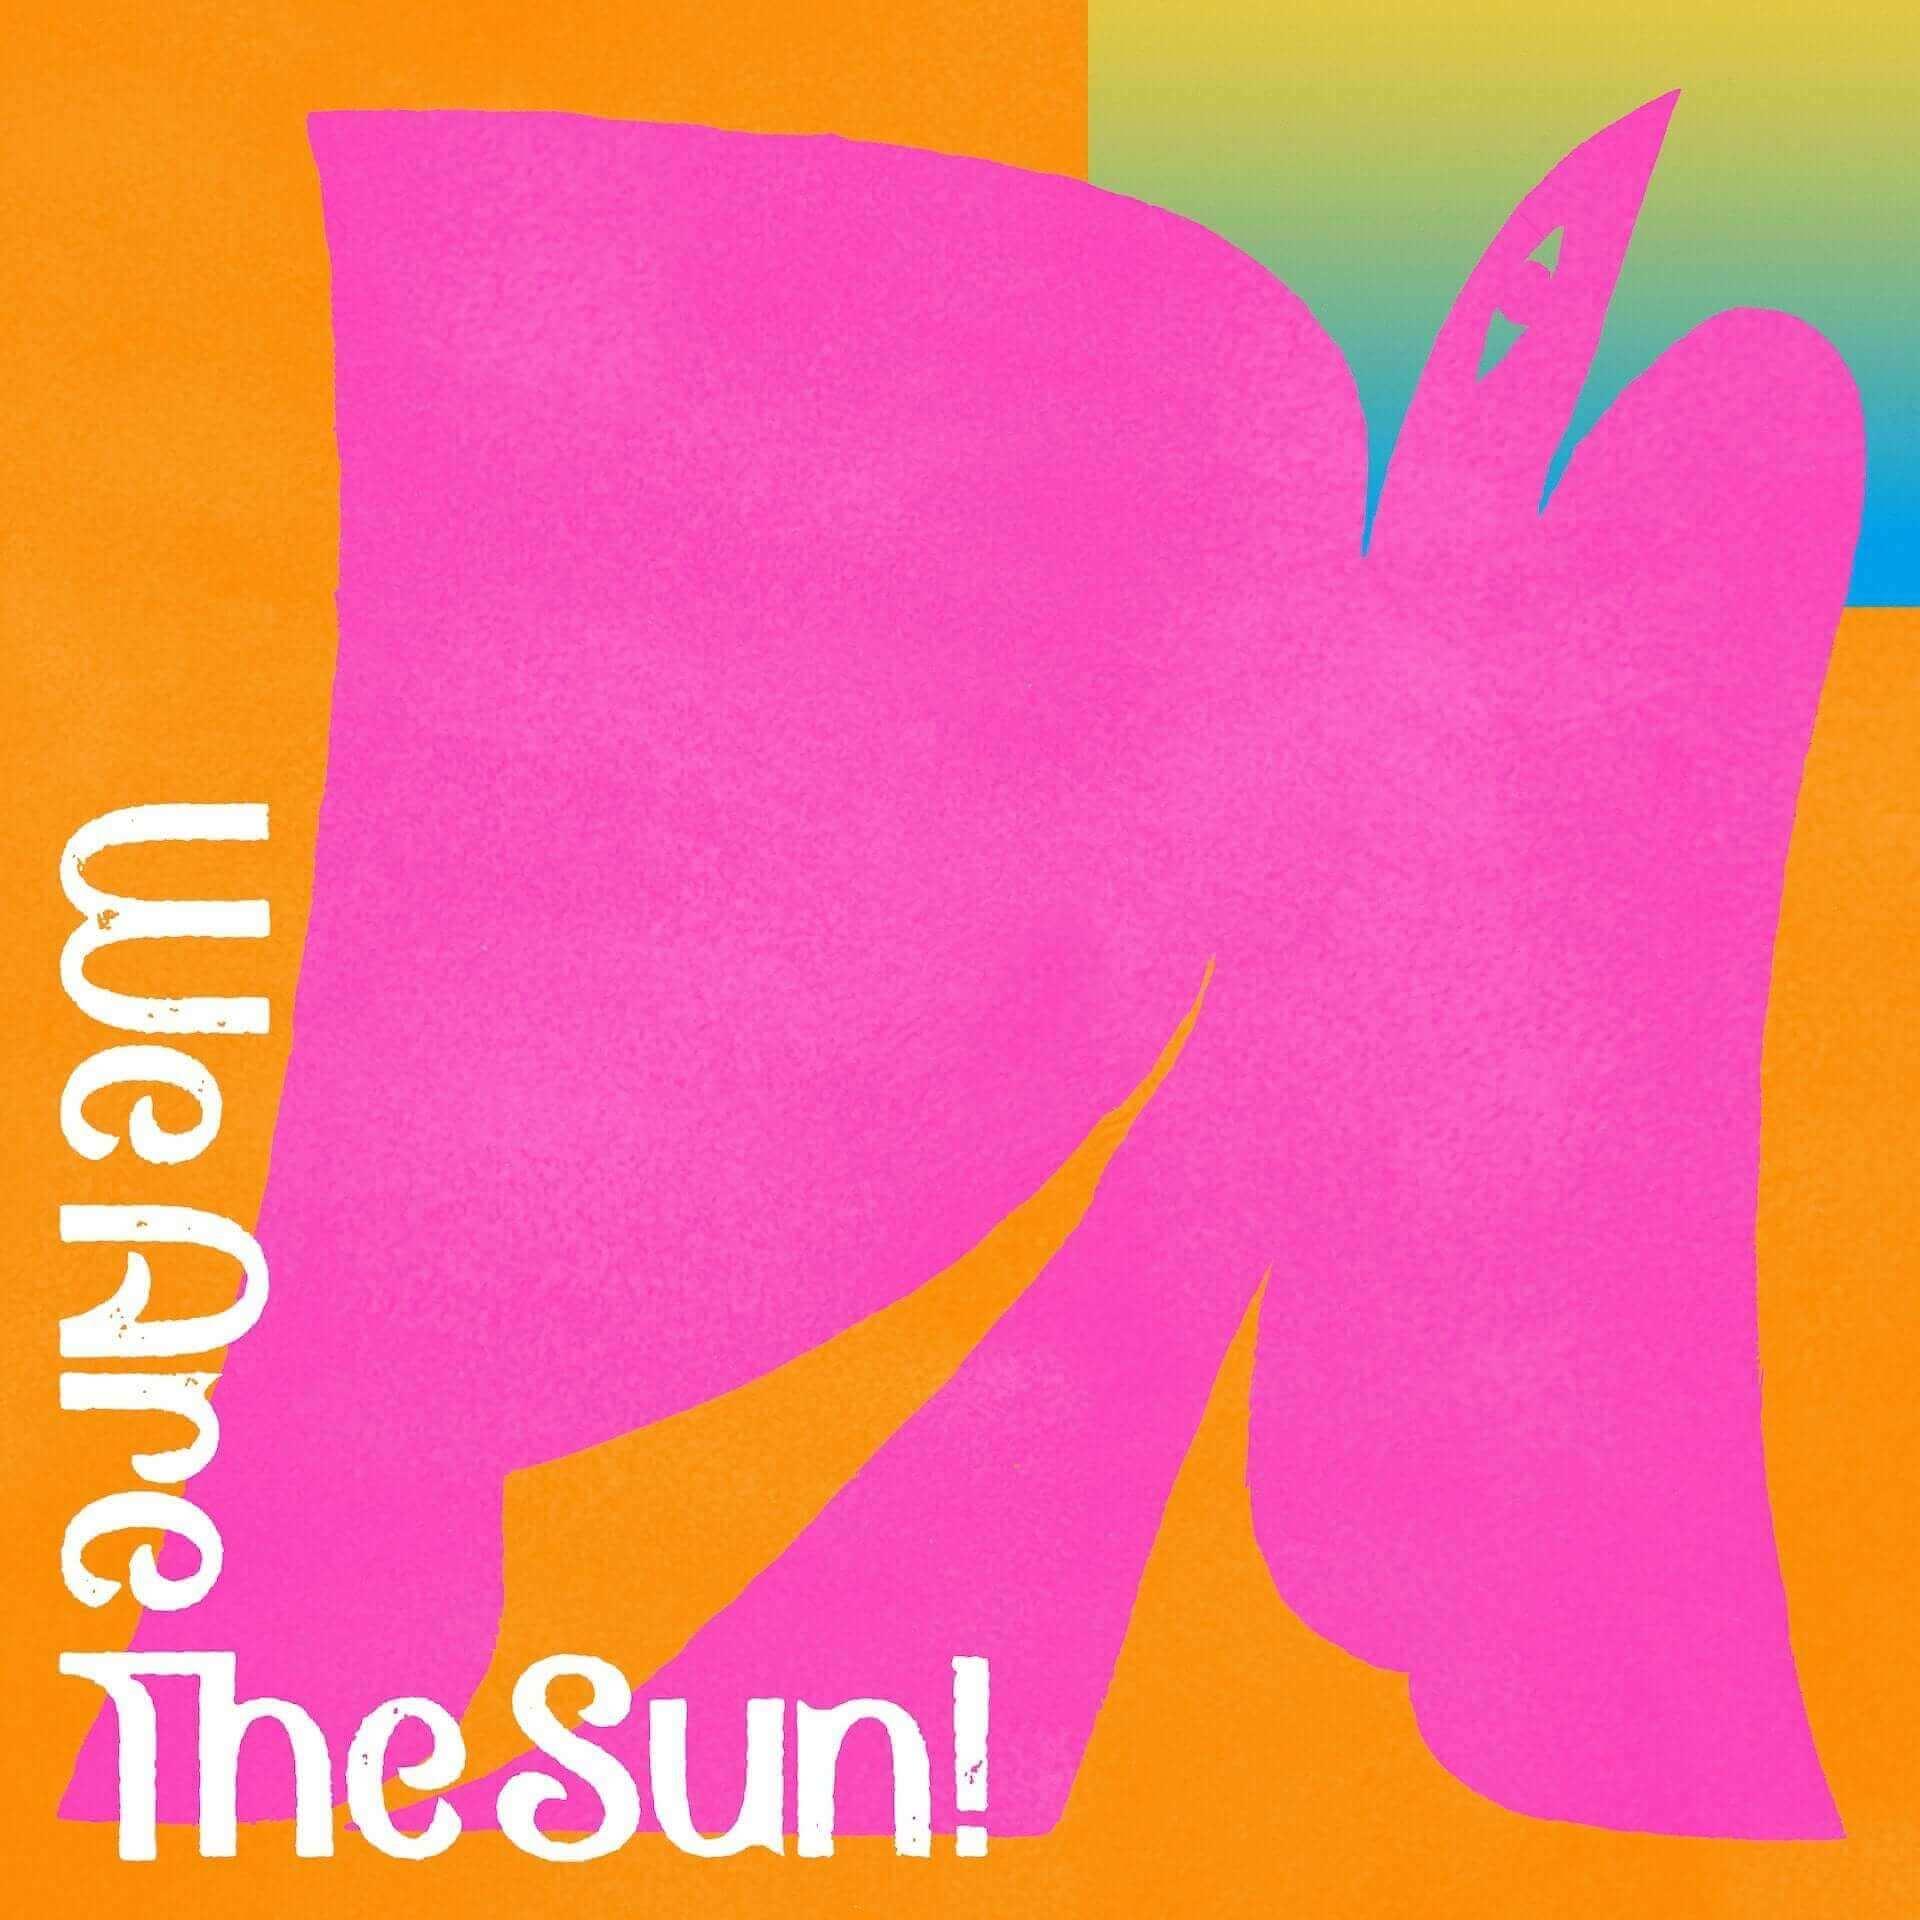 """TAMTAM2年ぶりのアルバム『We Are the Sun!』から鎮座DOPENESS参加の""""Worksong!""""の7インチレコードがリリース music200715_tamtam_03"""